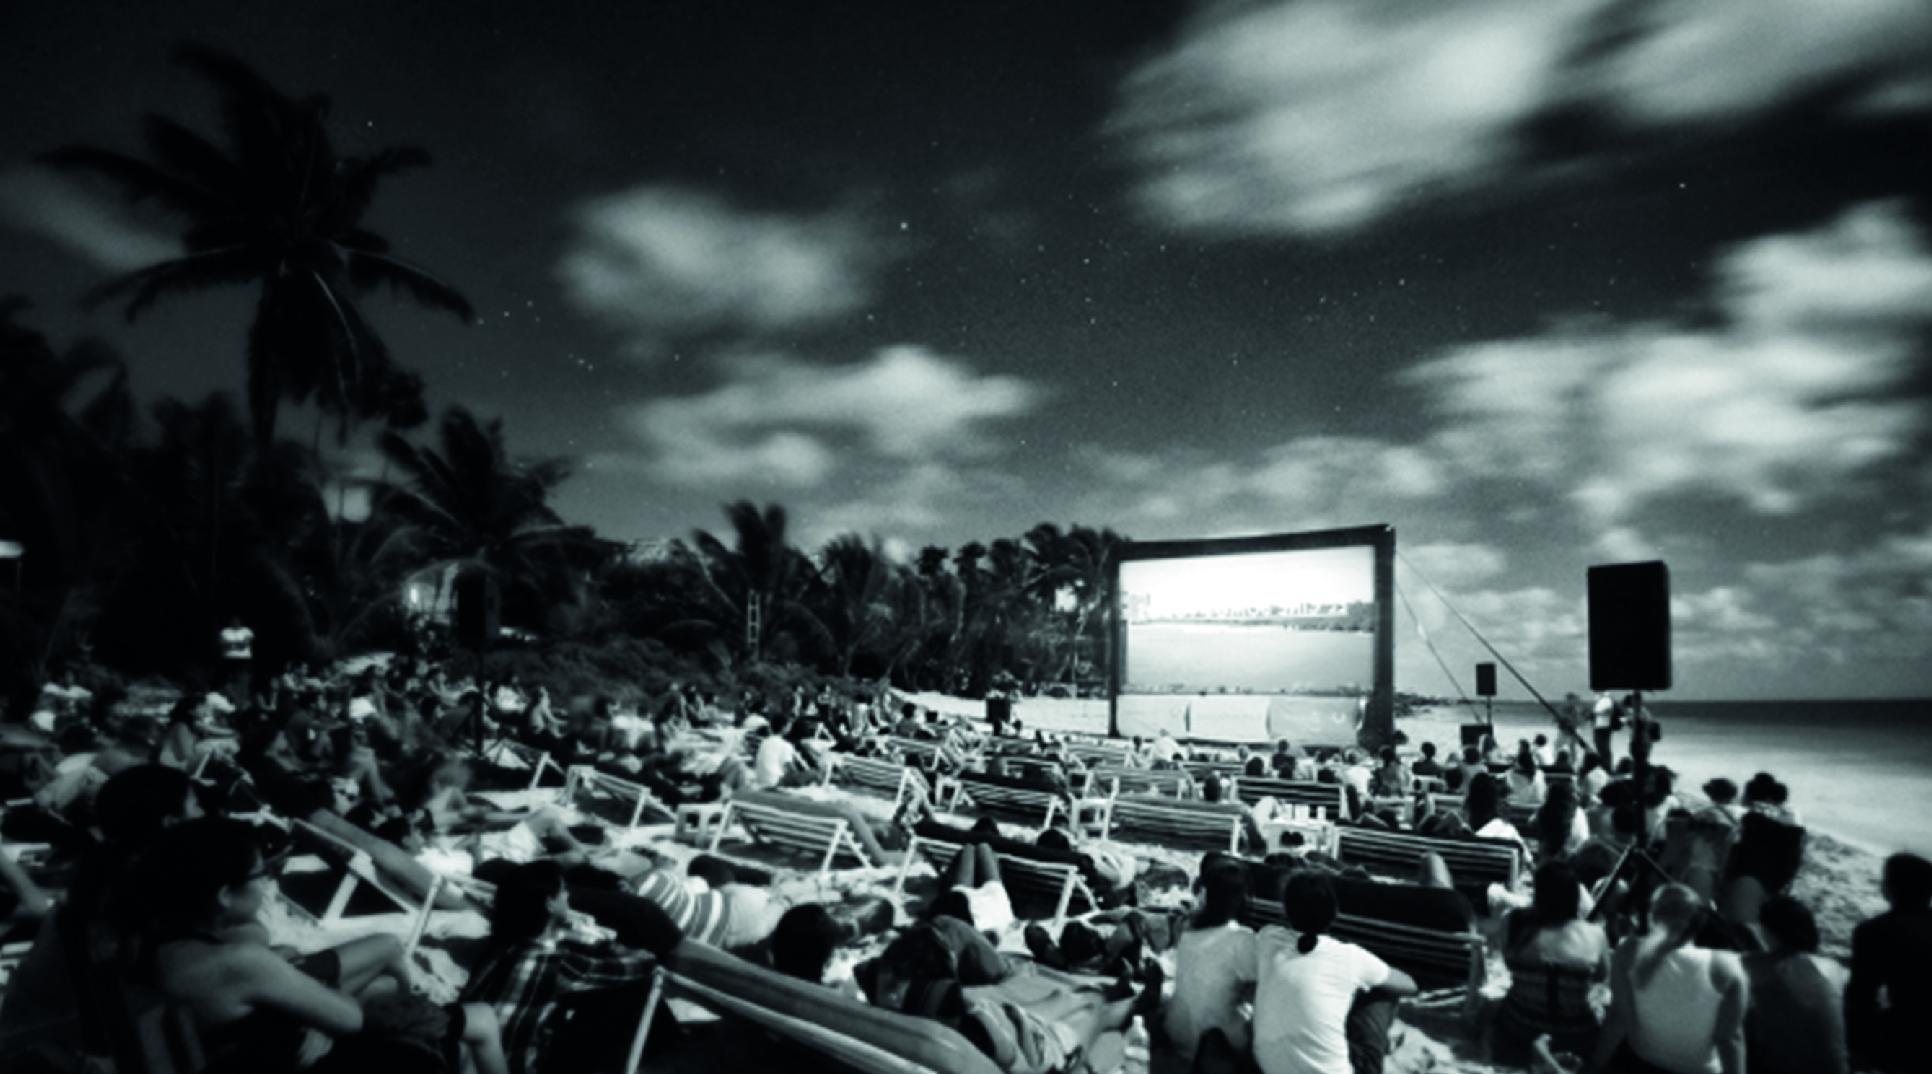 FICTU: nuevo festival de cine en el Caribe mexicano